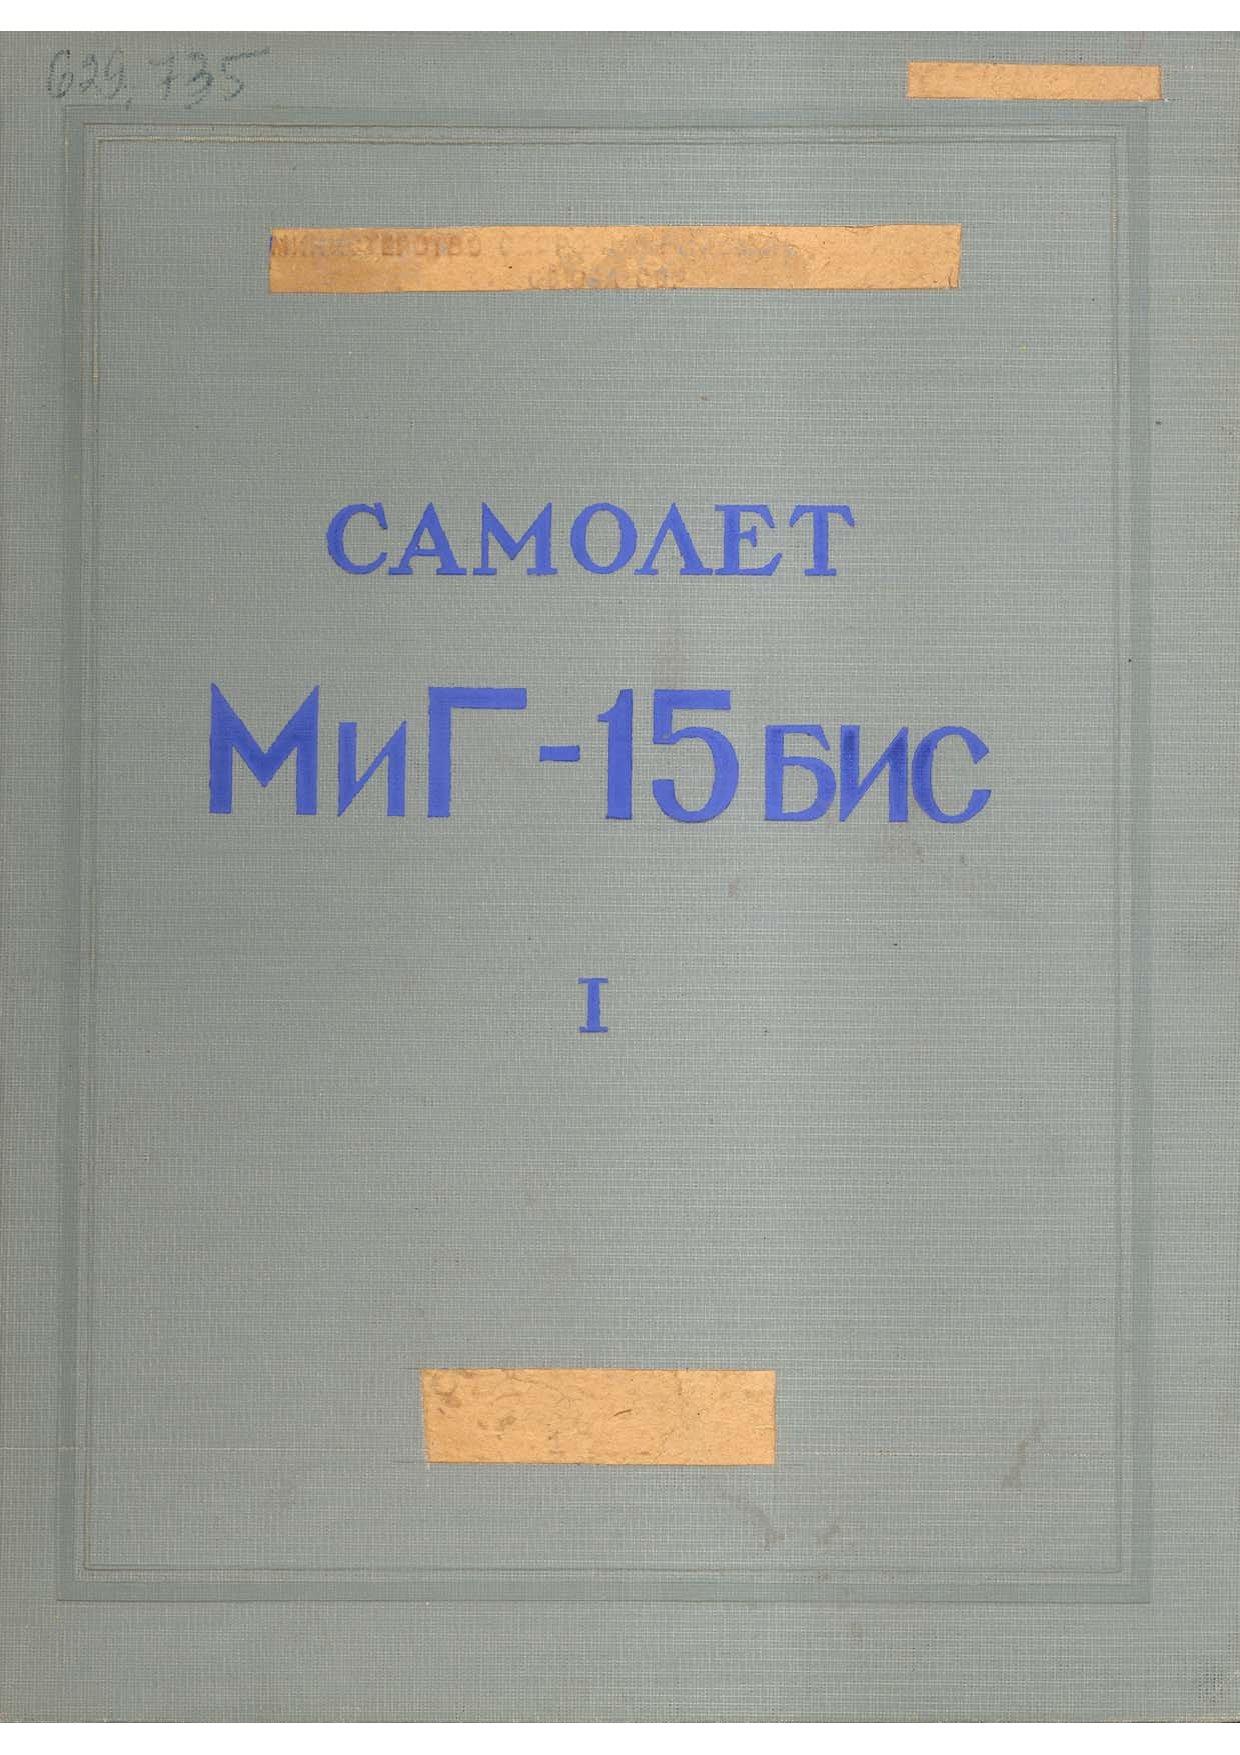 Самолет МиГ-15бис. Техническое описание. Летные характеристики самолета. (Книга 1)